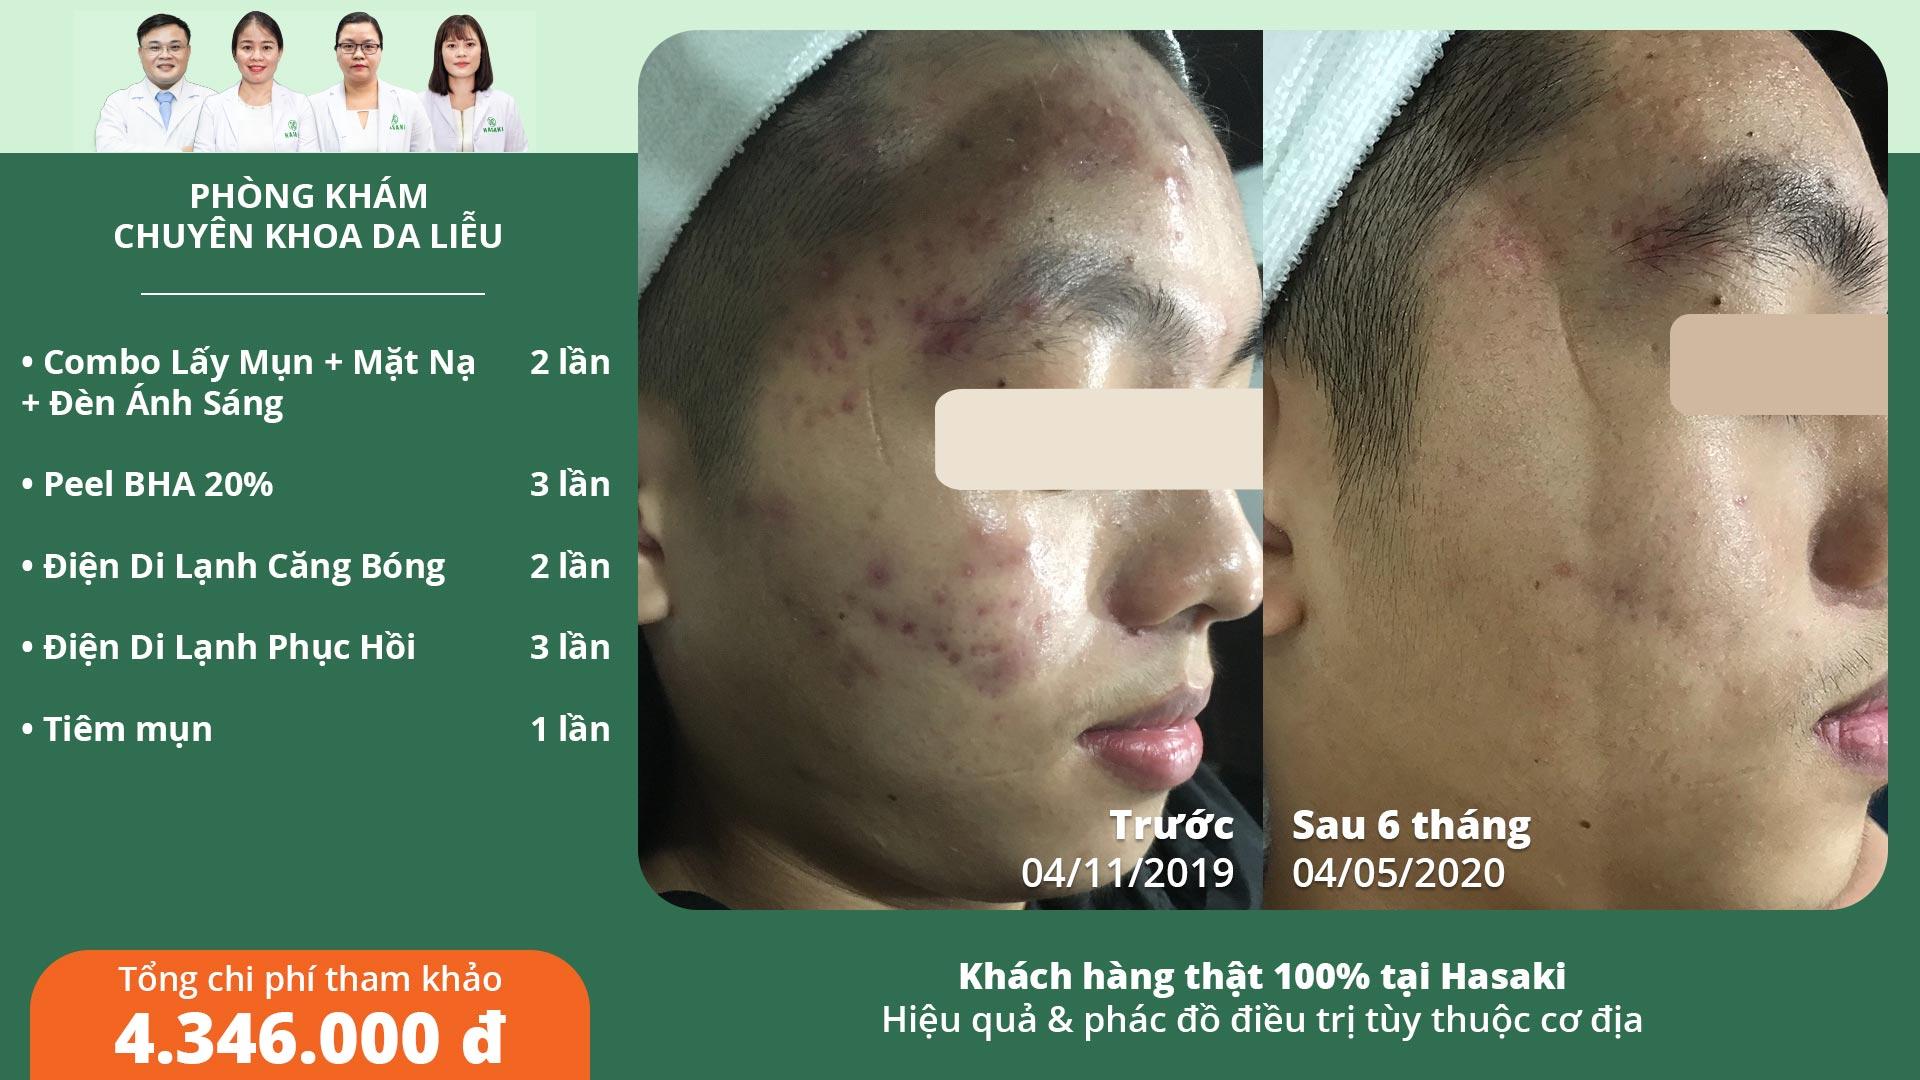 Khách hàng trị mụn thực tế tại Hasaki Clinic & Spa